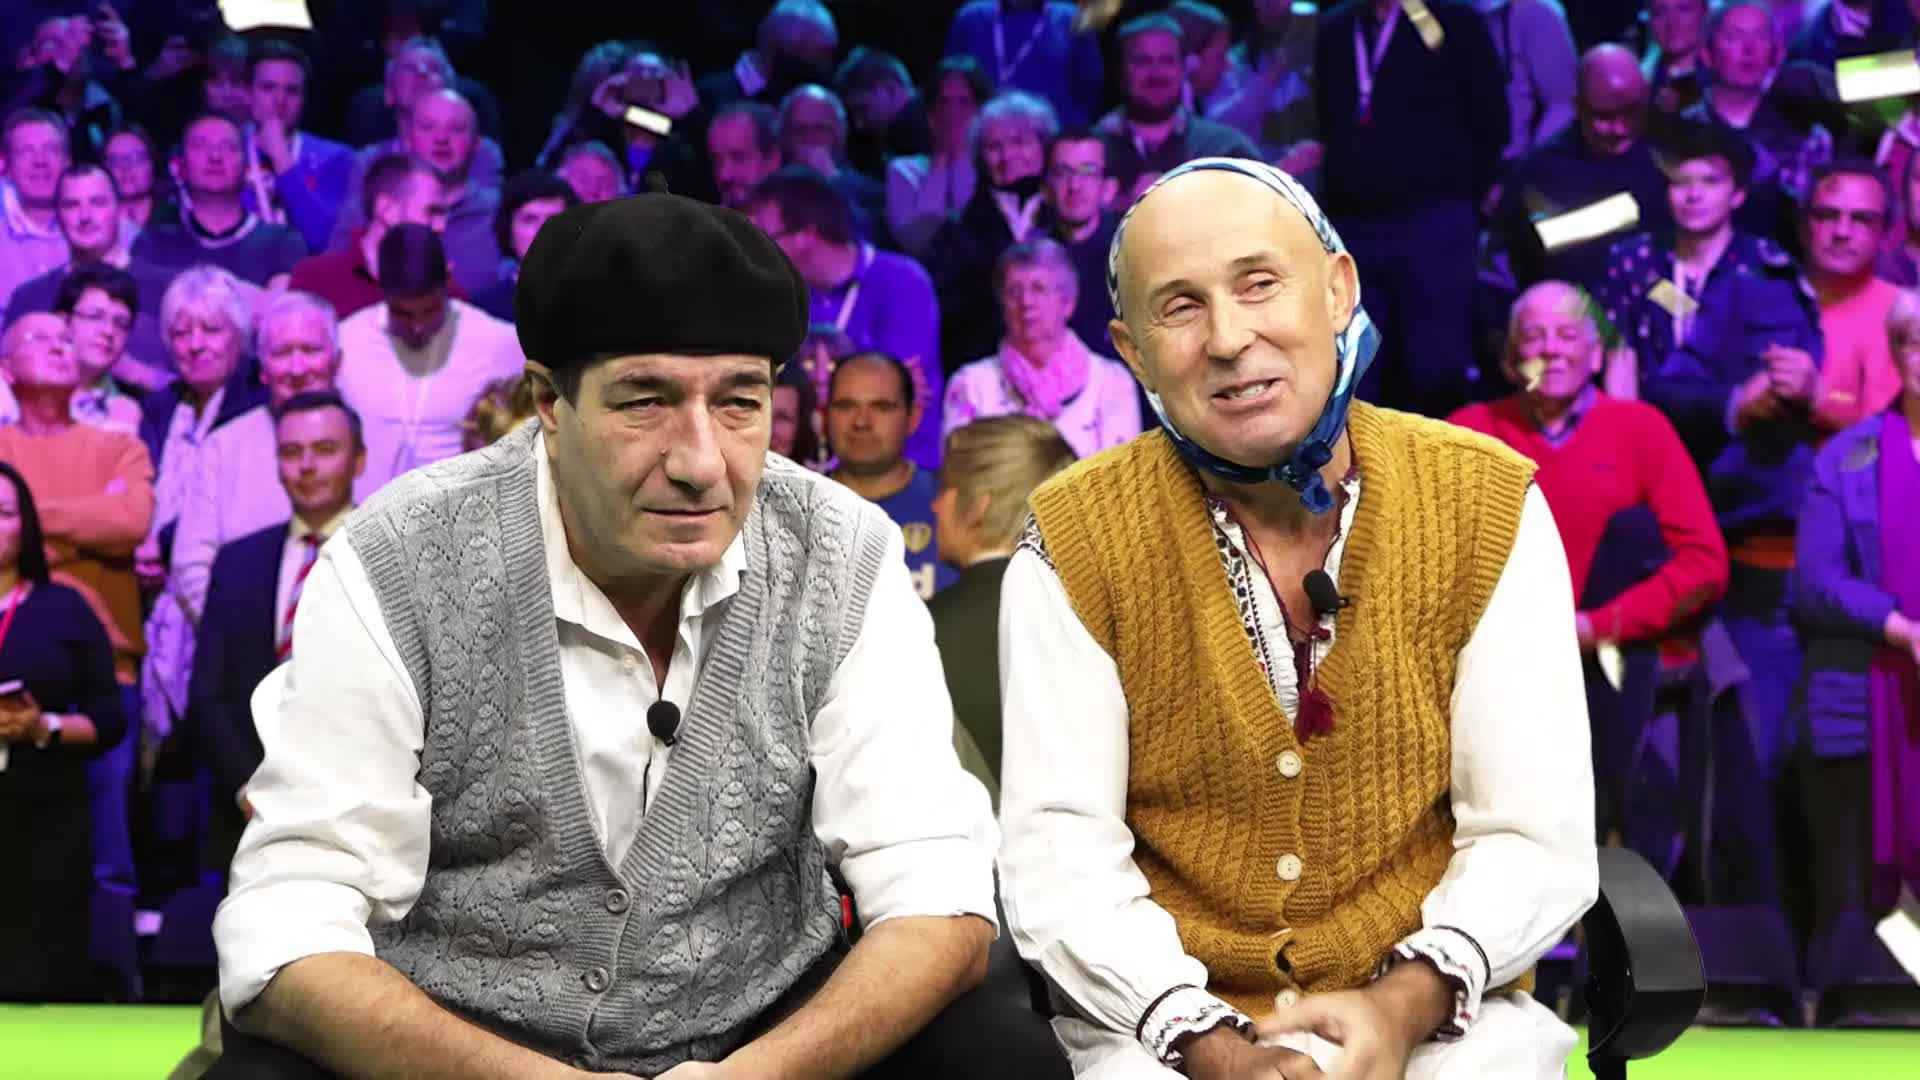 Leana şi Costel - Snooker